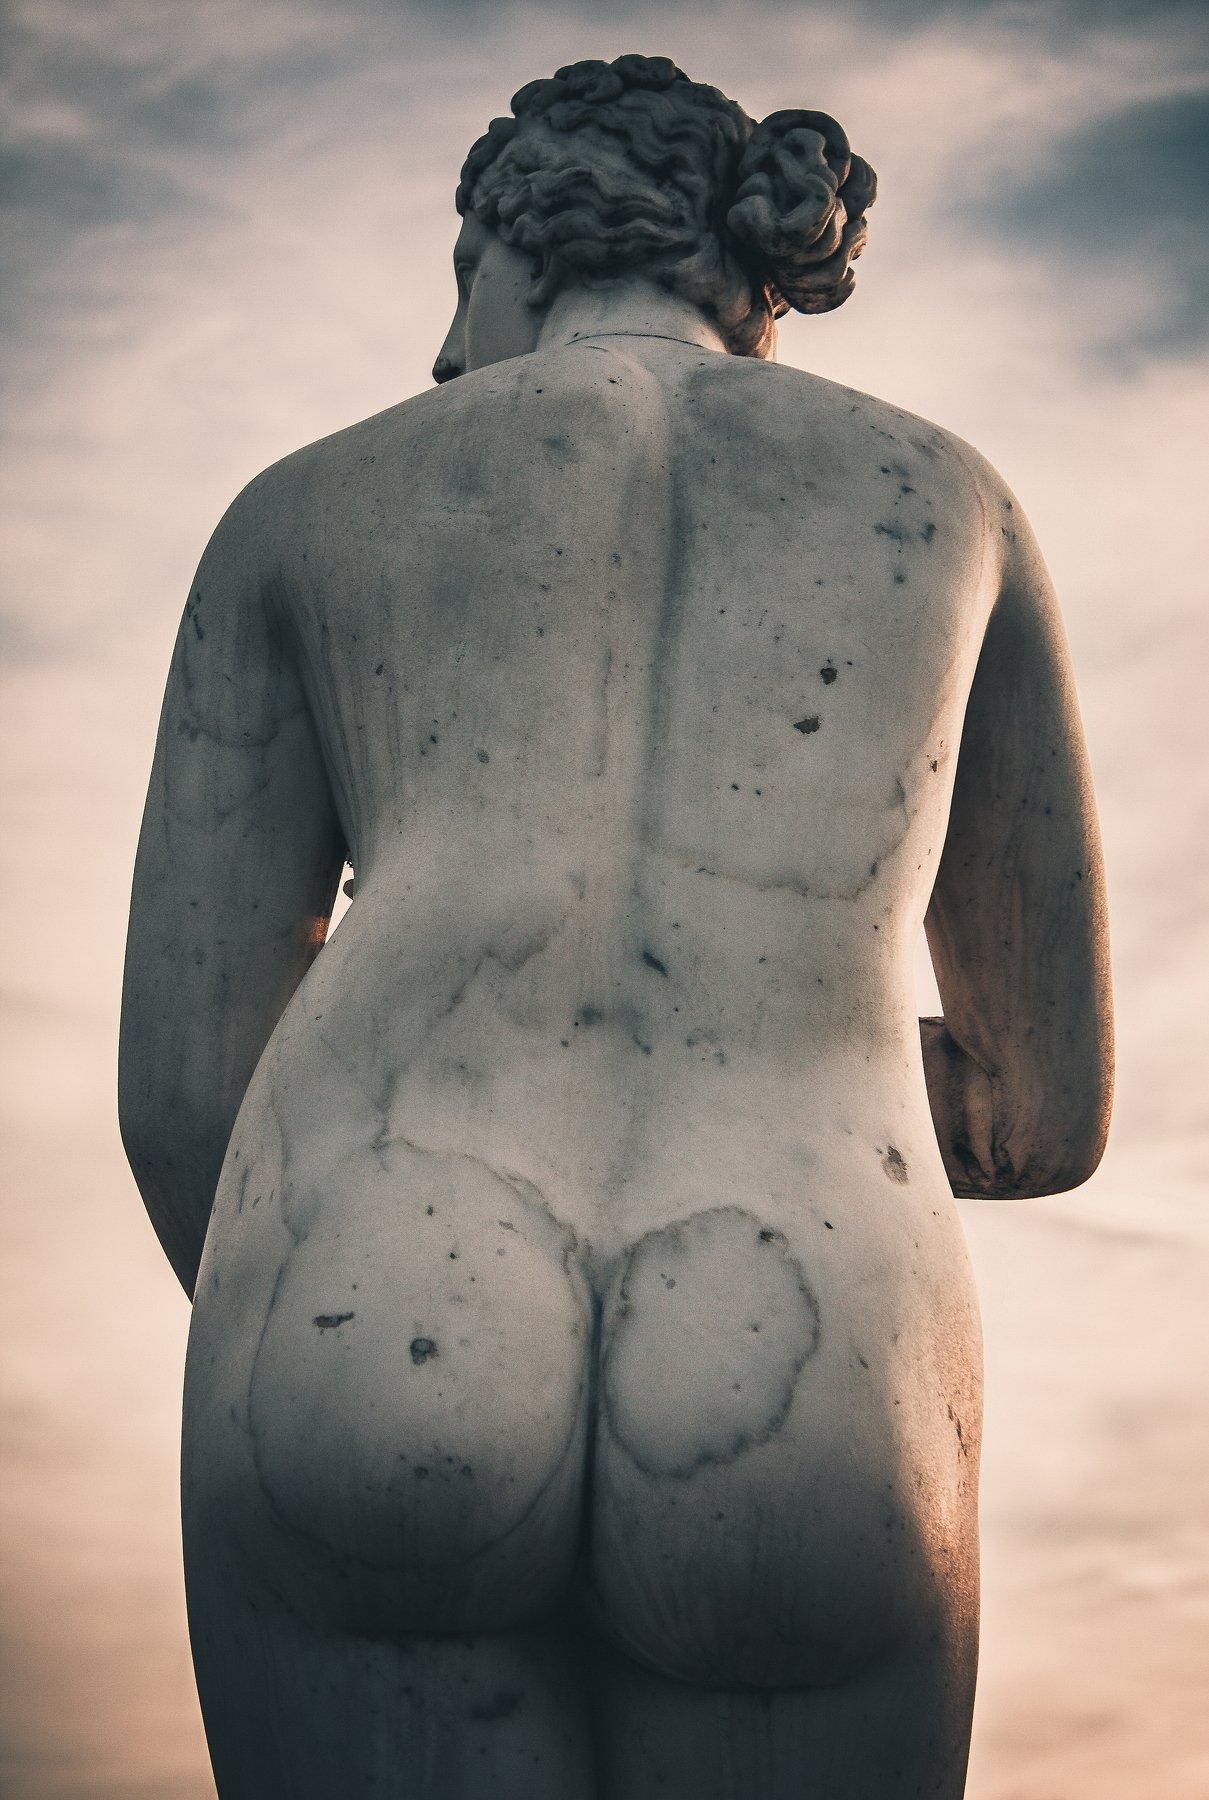 женственность, женщина, женщины, скульптура, скульптуры, статуя, Vladimir Kedrov